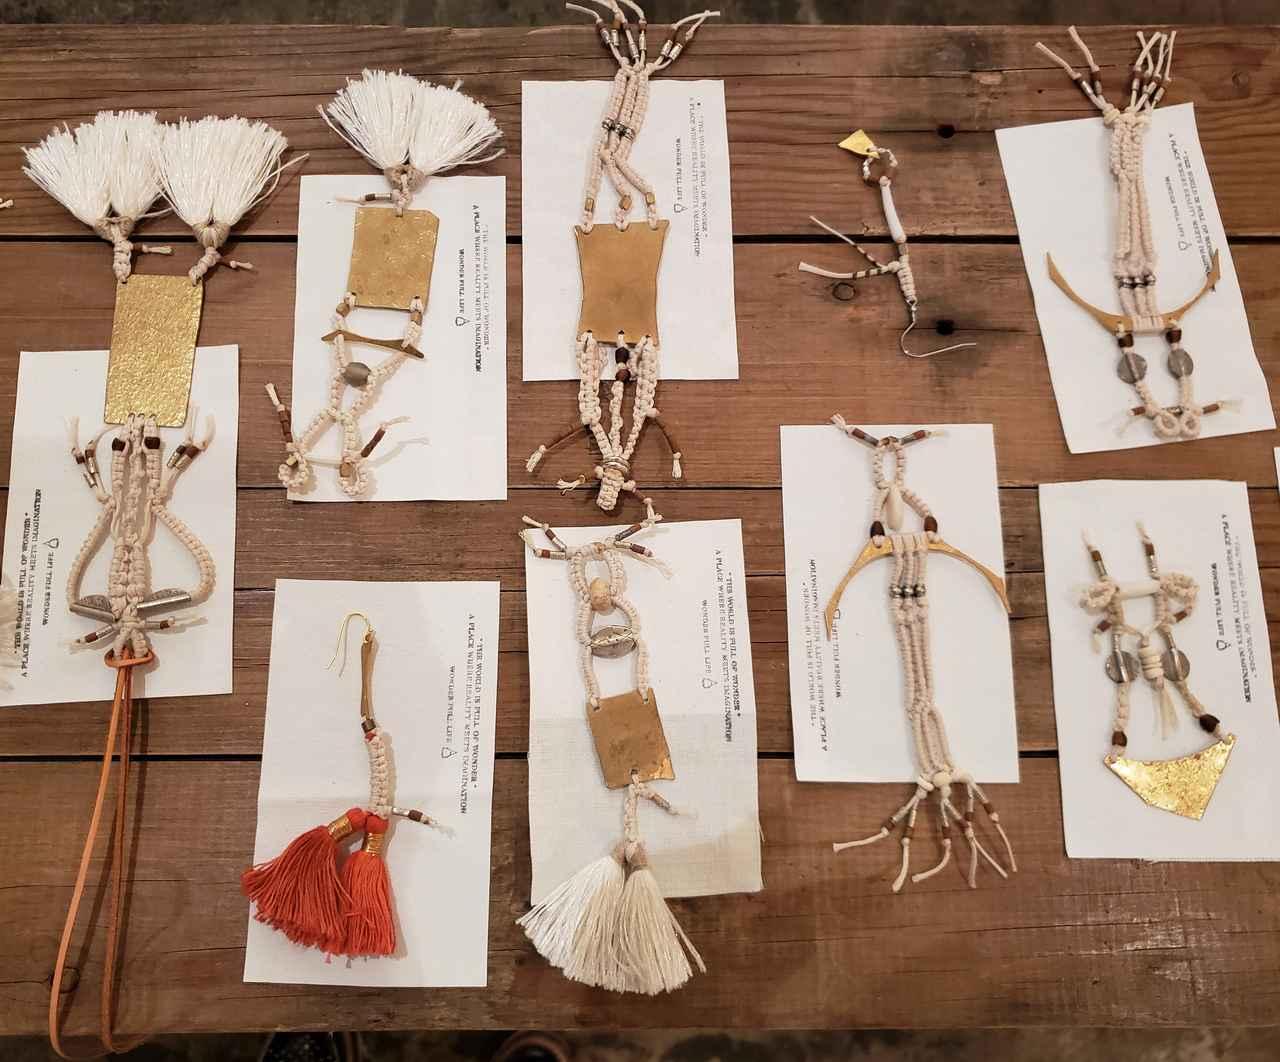 画像: 大脇千加子さんが主宰する創作プロジェクト「WONDER FULL LIFE」の作品も展示、販売されています。